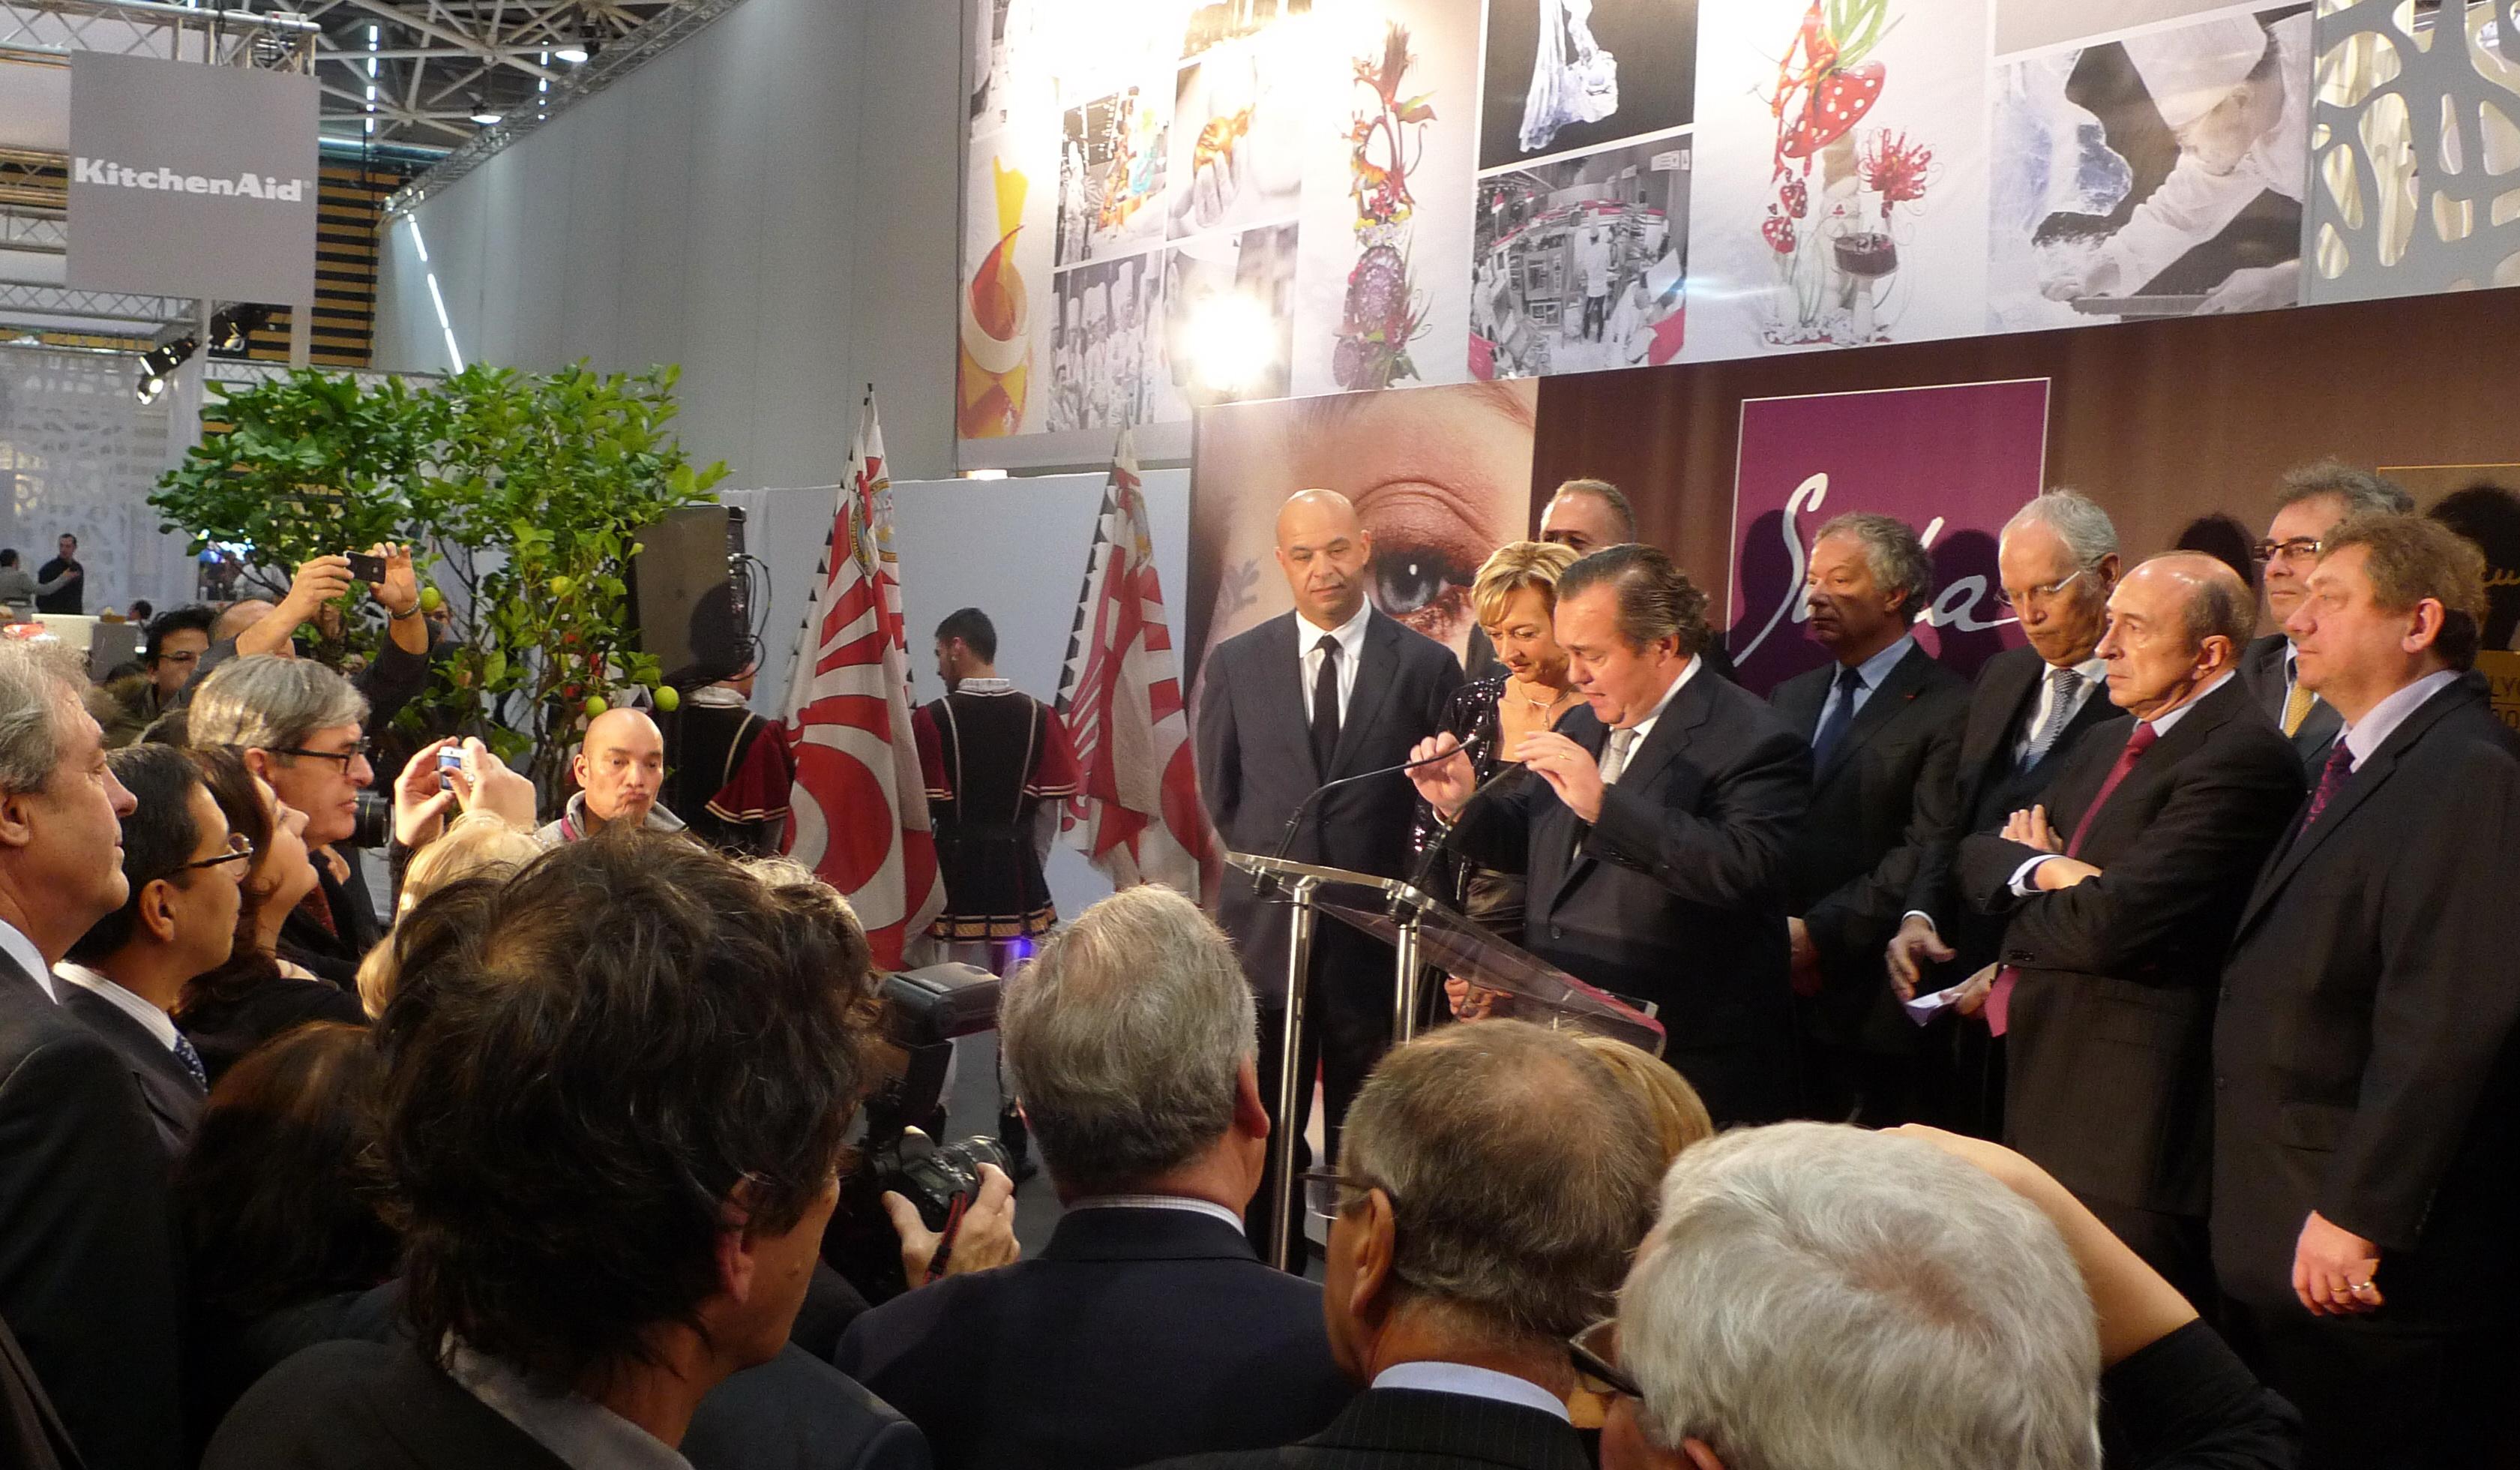 Inauguration du Sirah 2013. Olivier Ginon et Jérôme Bocuse main dans la main